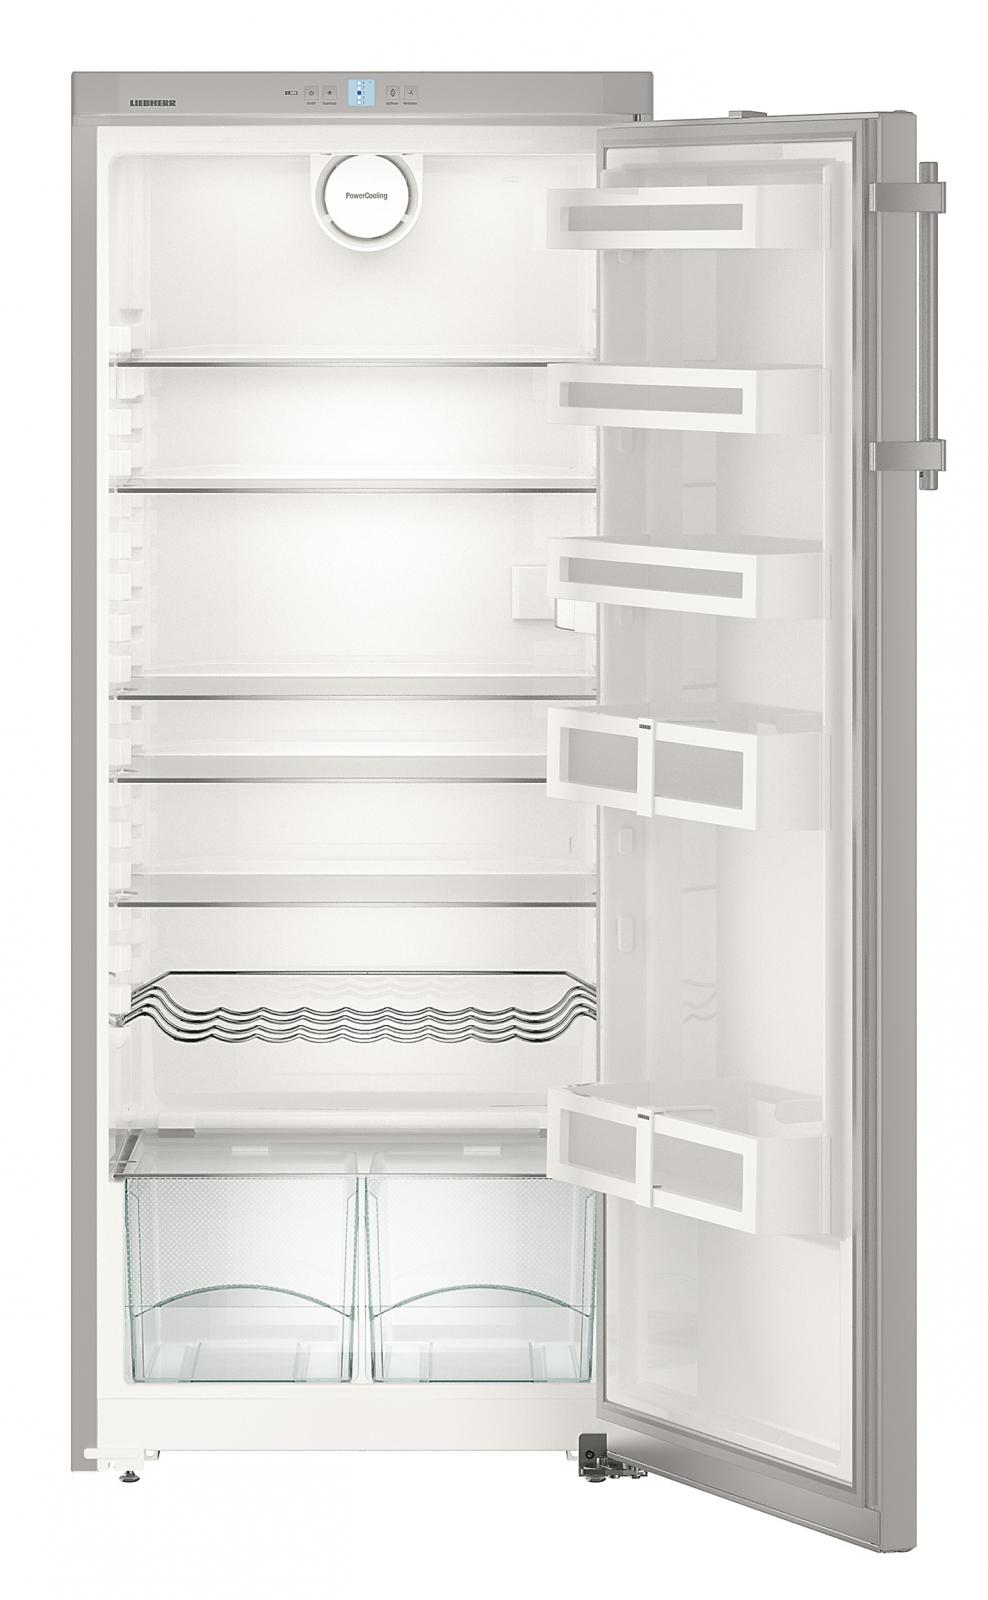 купить Однокамерный холодильник Liebherr Ksl 3130 Украина фото 3